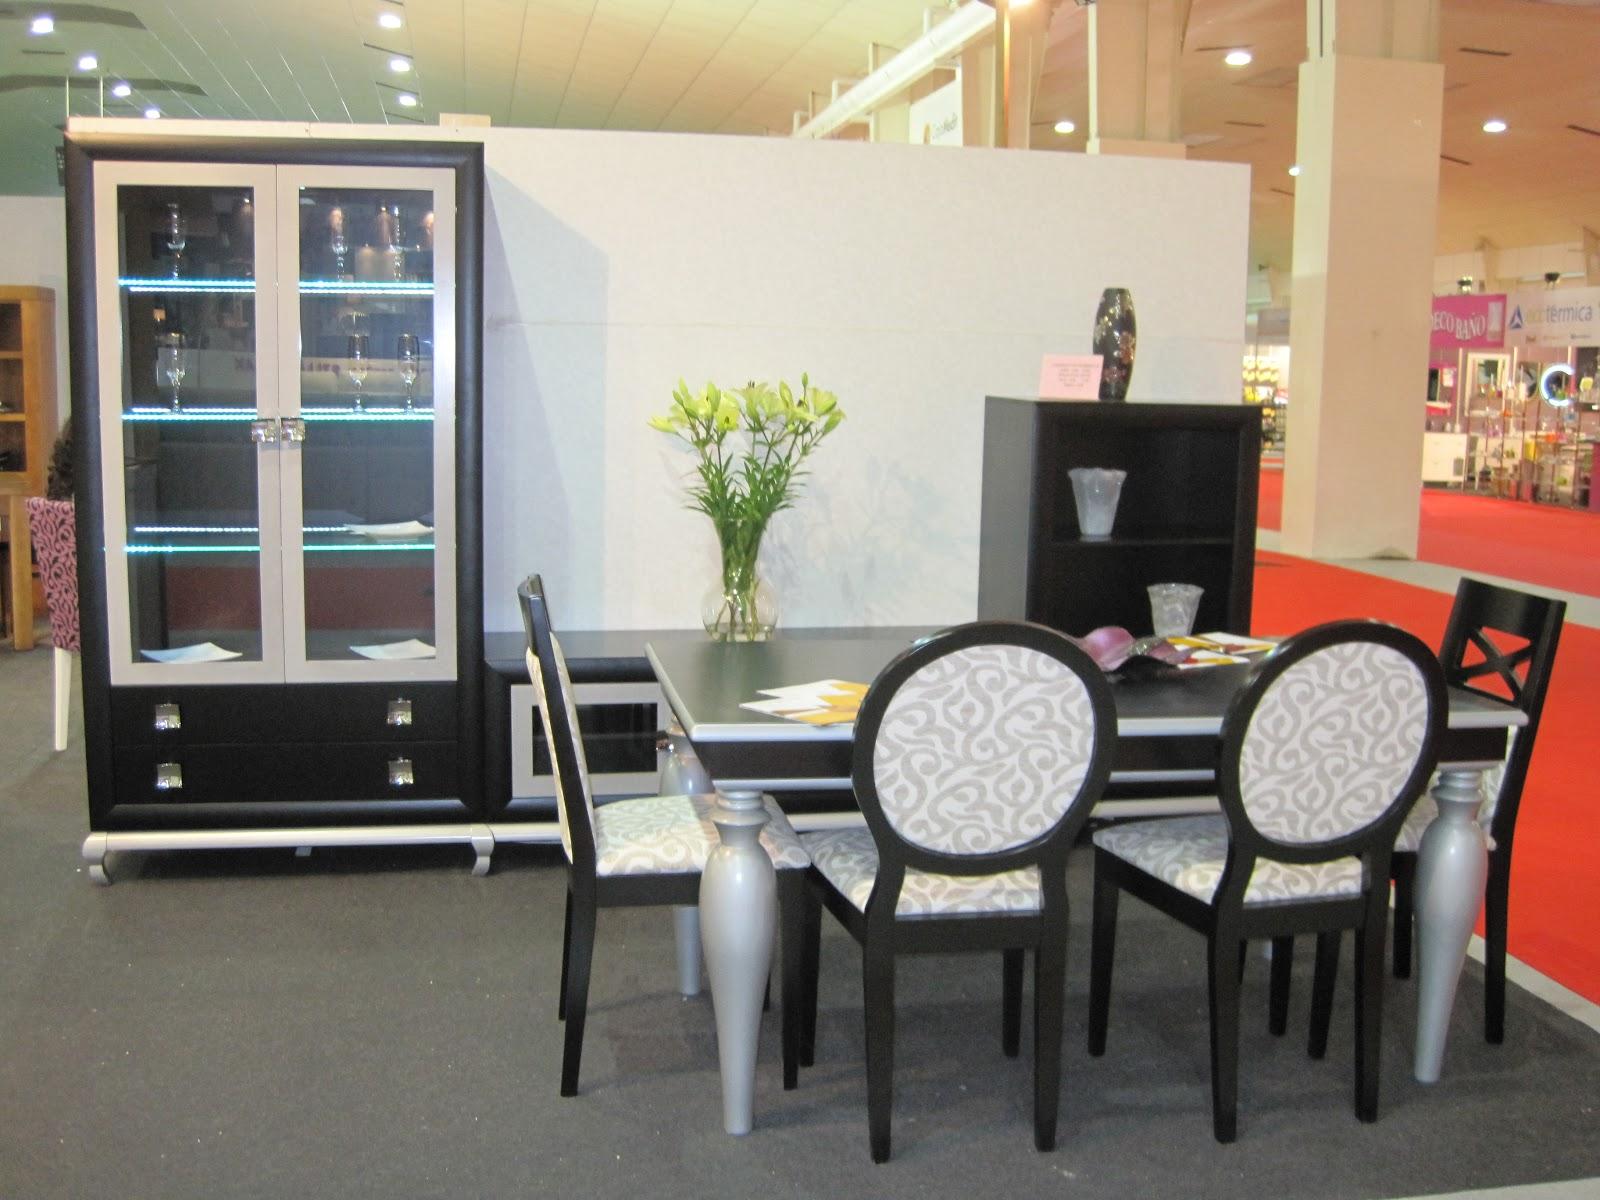 Muebles arcecoll muebles directos de fabrica - Muebles directos de fabrica ...